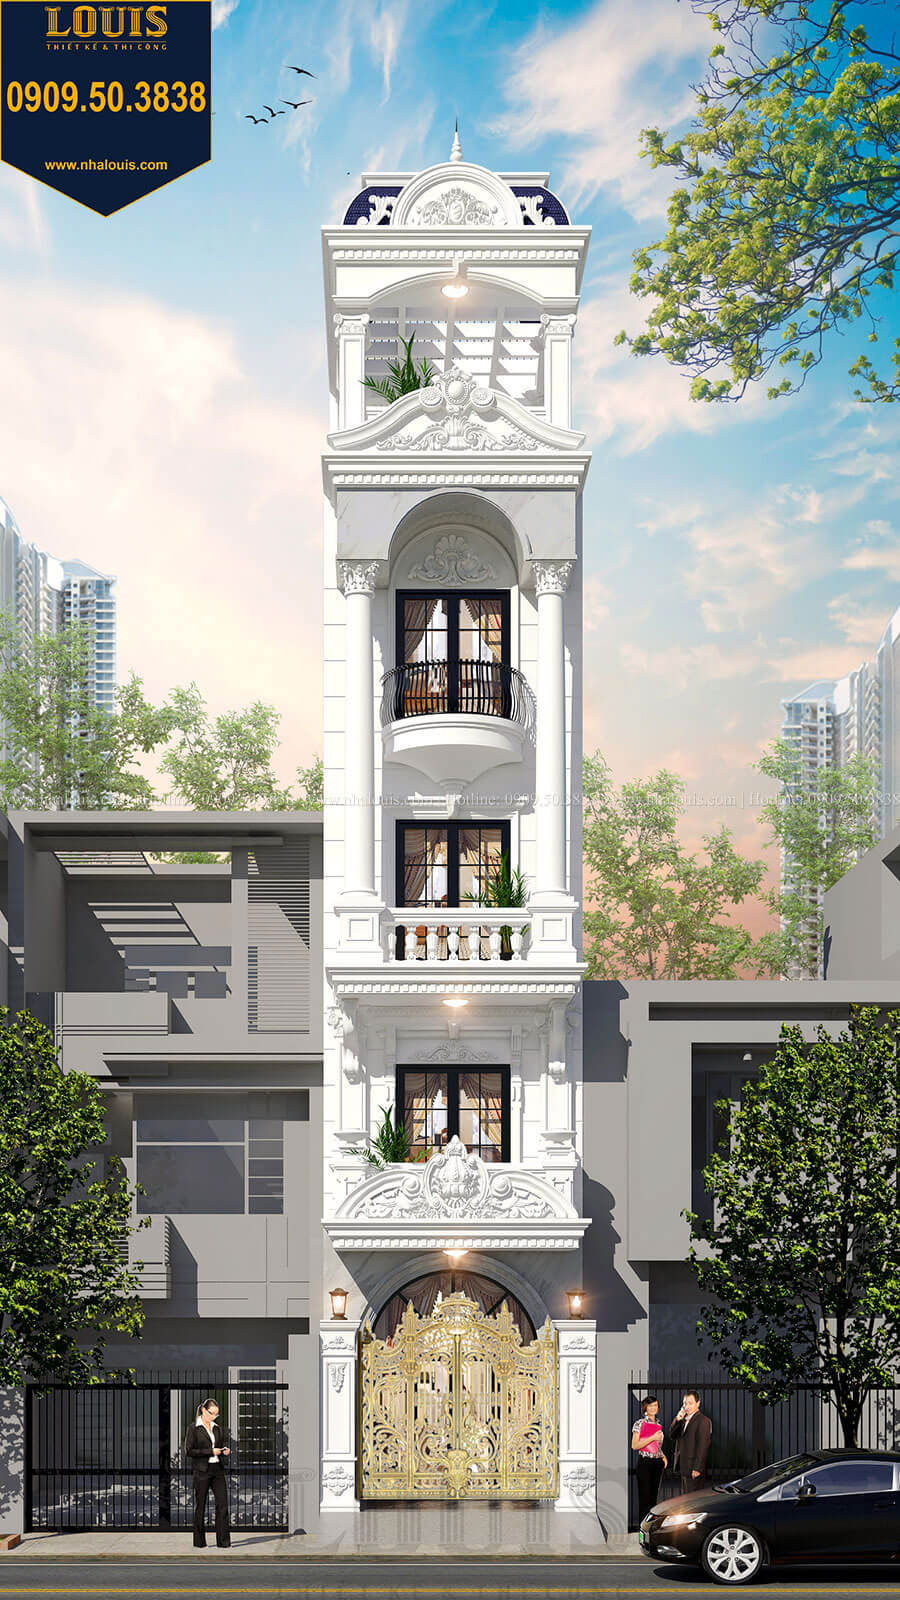 Thi công nhà phố tân cổ điển 5 tầng mặt tiền 3,5m tại quận 6